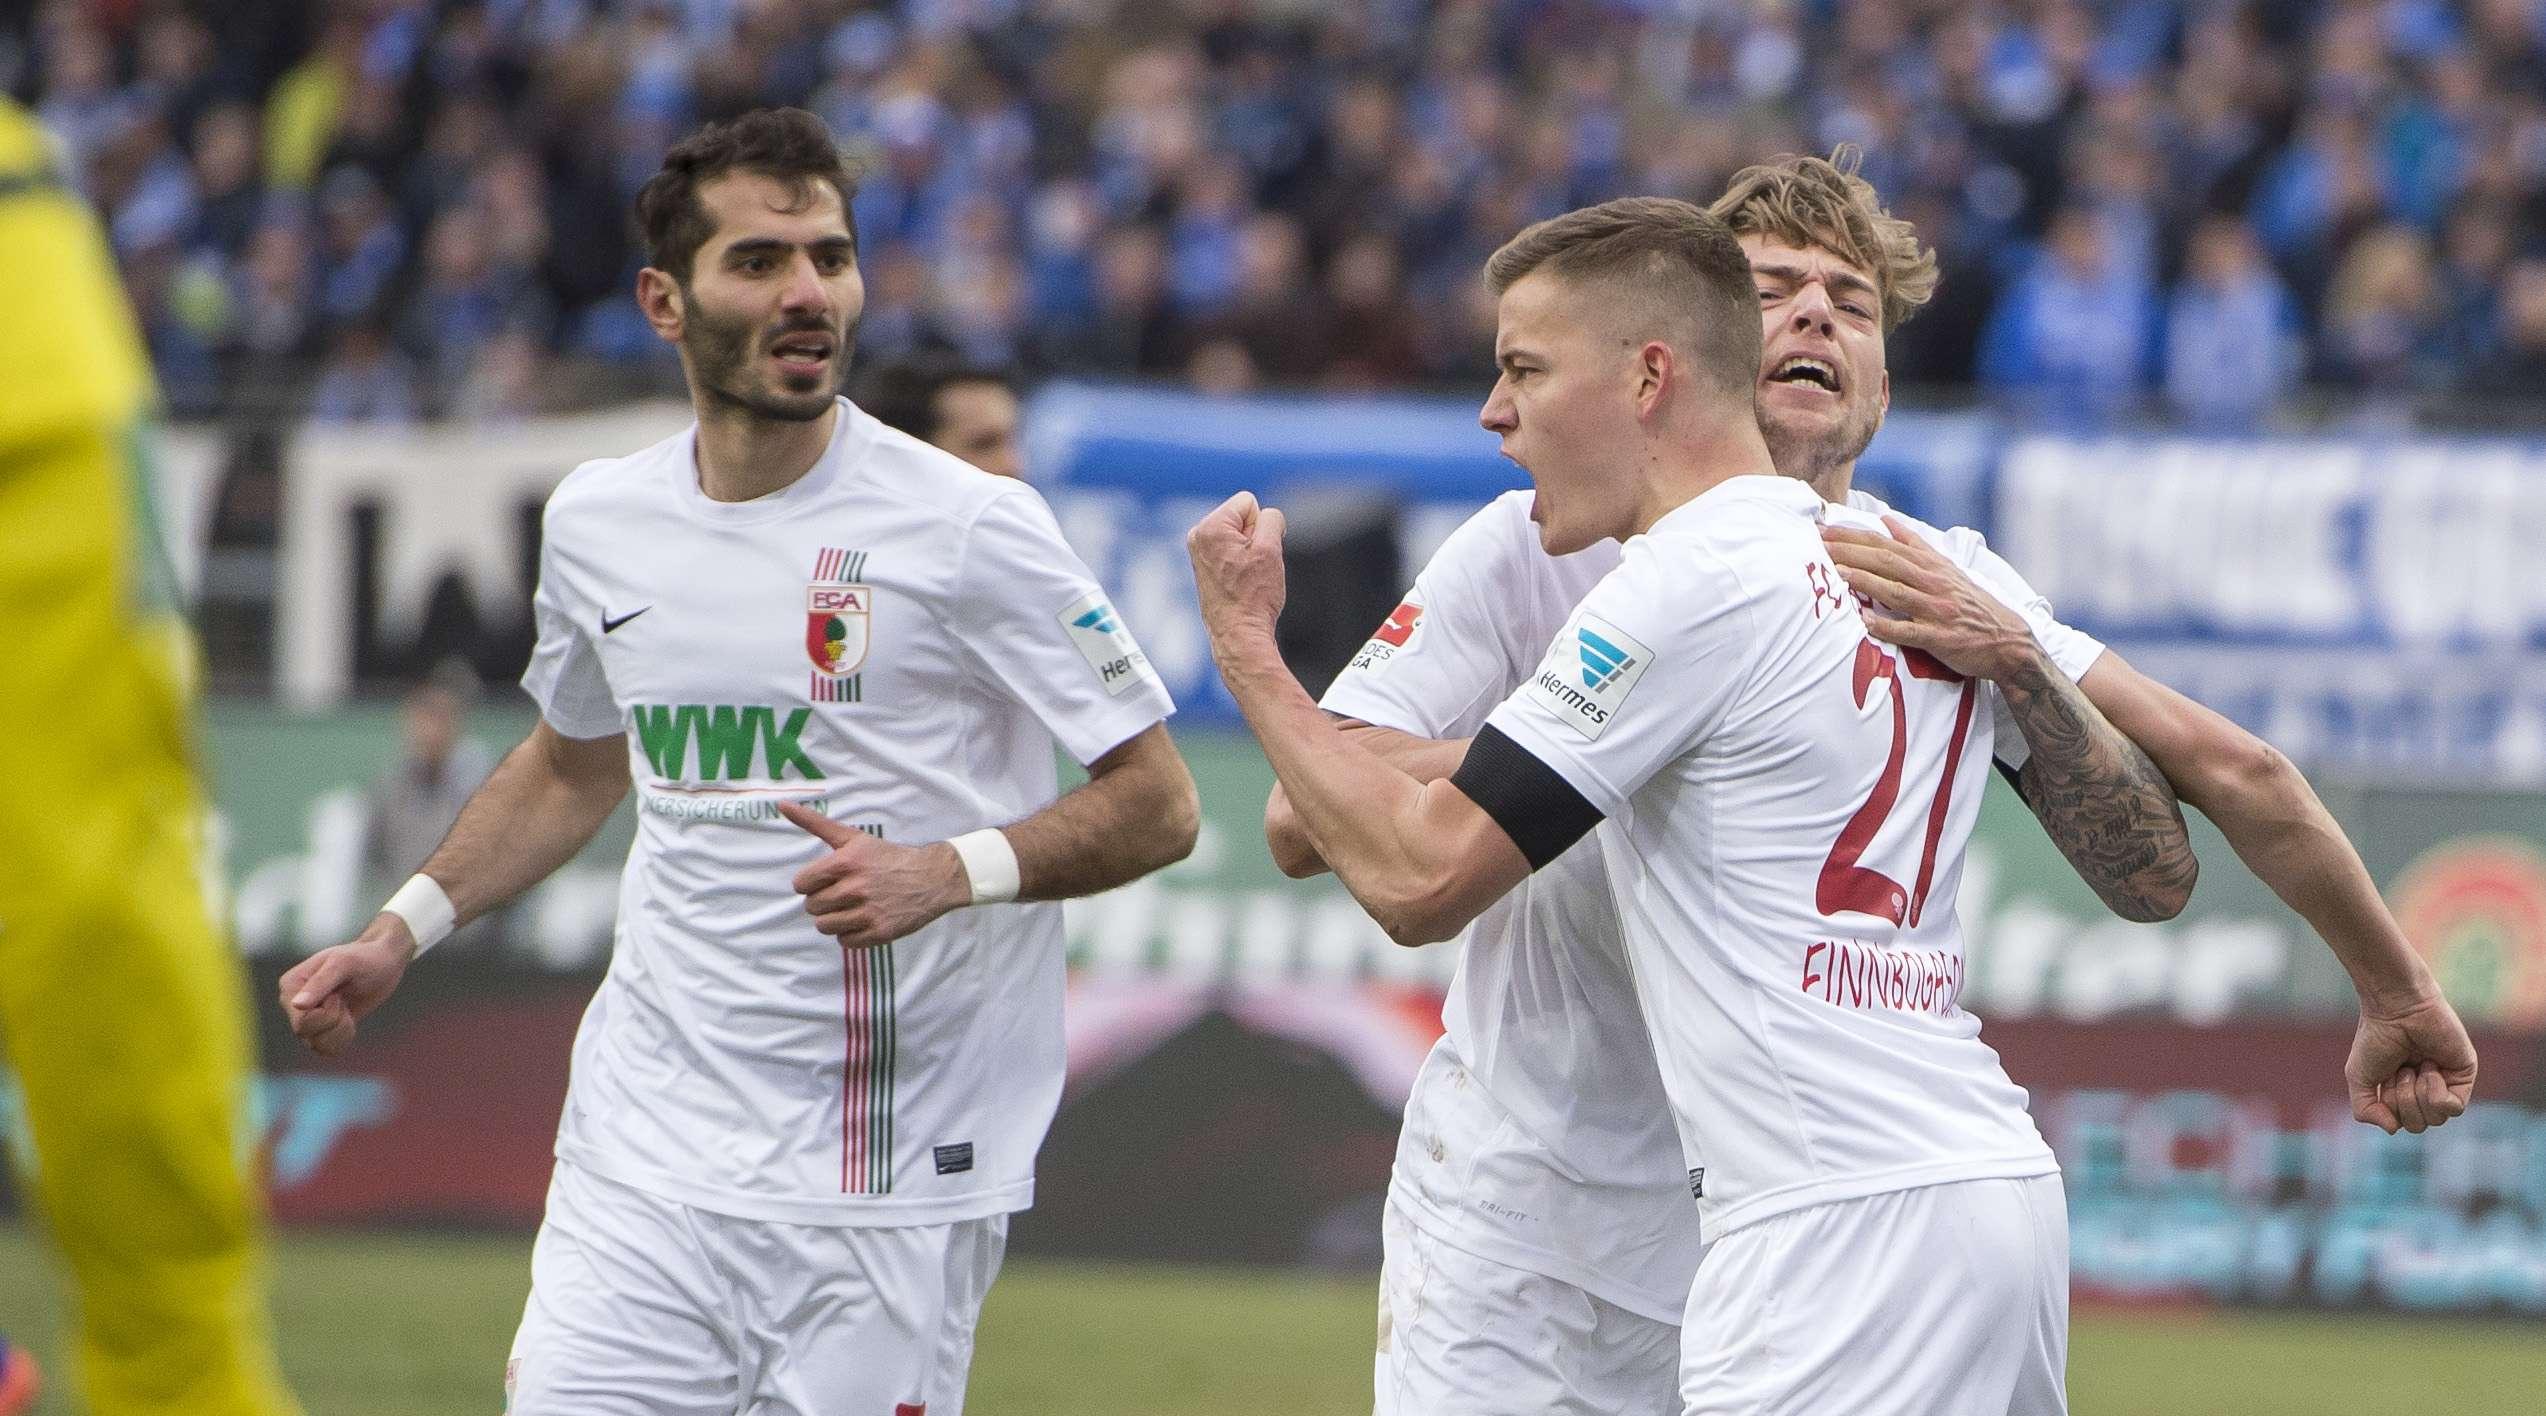 Alfred Finnbogason (Augsburg), festeggia insieme ai compagni il gol nel match contro il Darmstadt